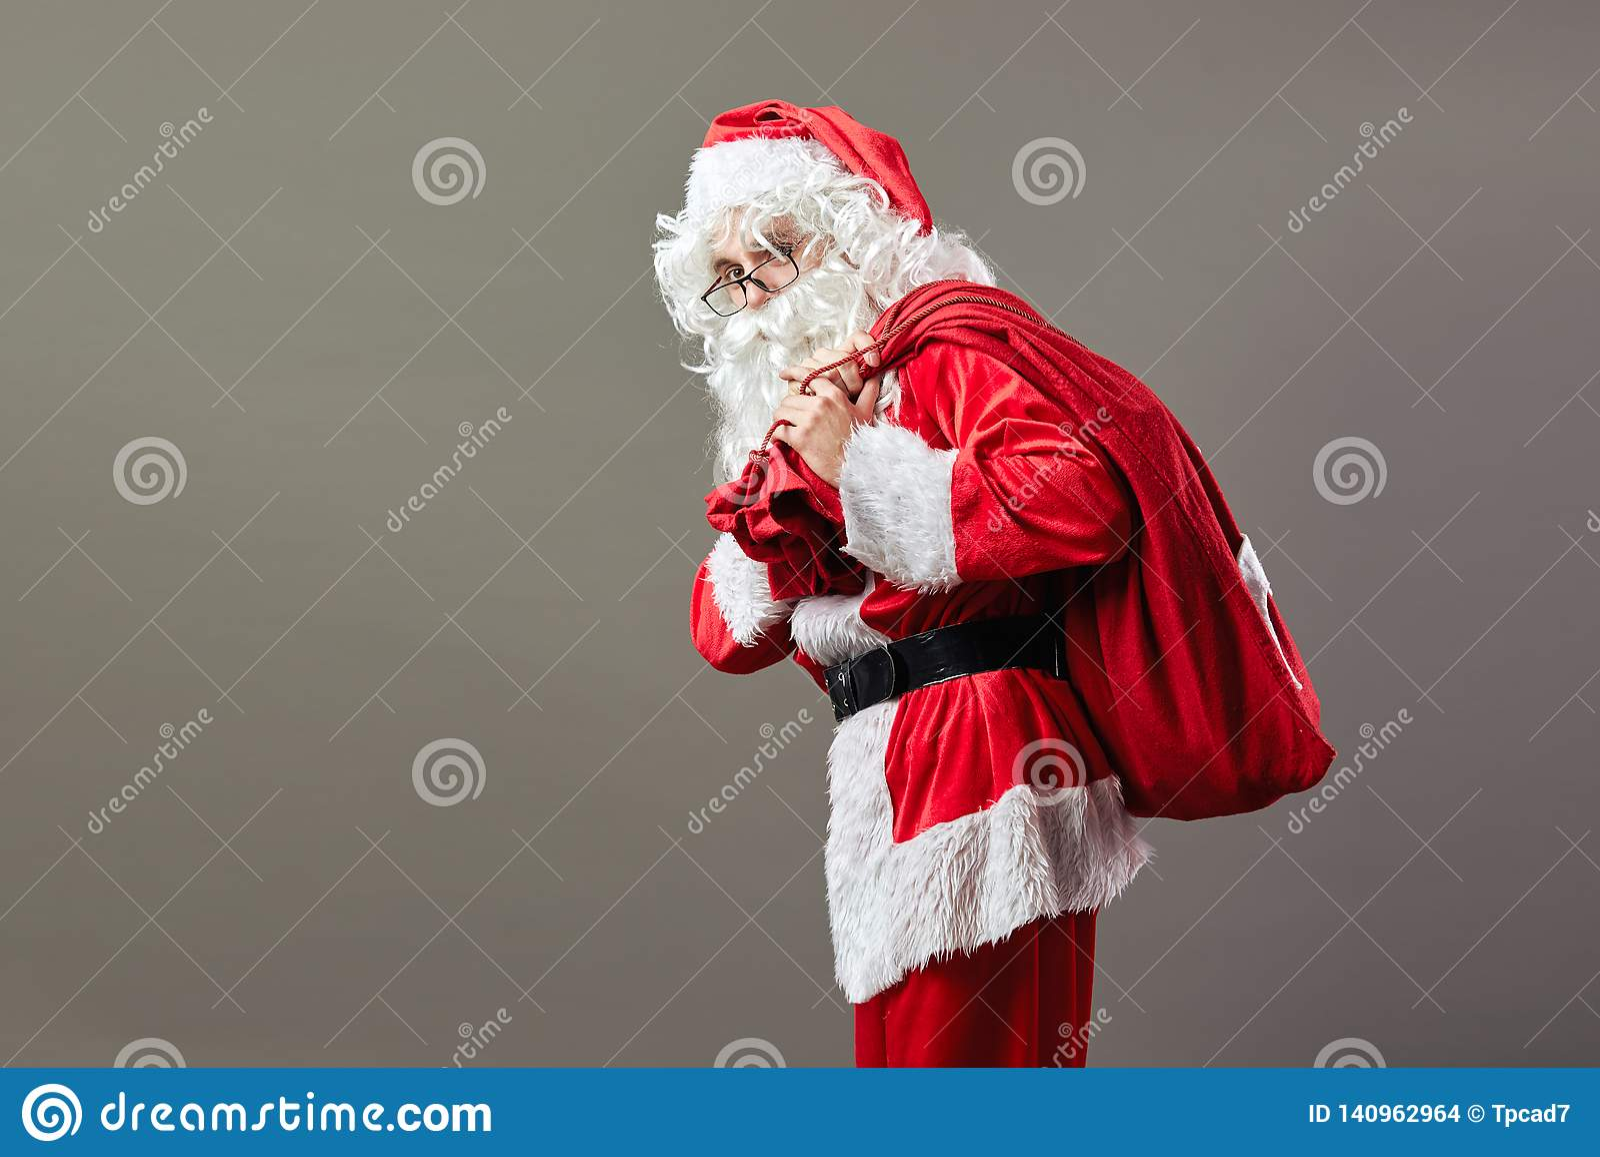 Άγιος Βασίλης στα γυαλιά στέκεται με την τσάντα με τα δώρα Χριστουγέννων στην πλάτη του στο γκρίζο υπόβαθρο